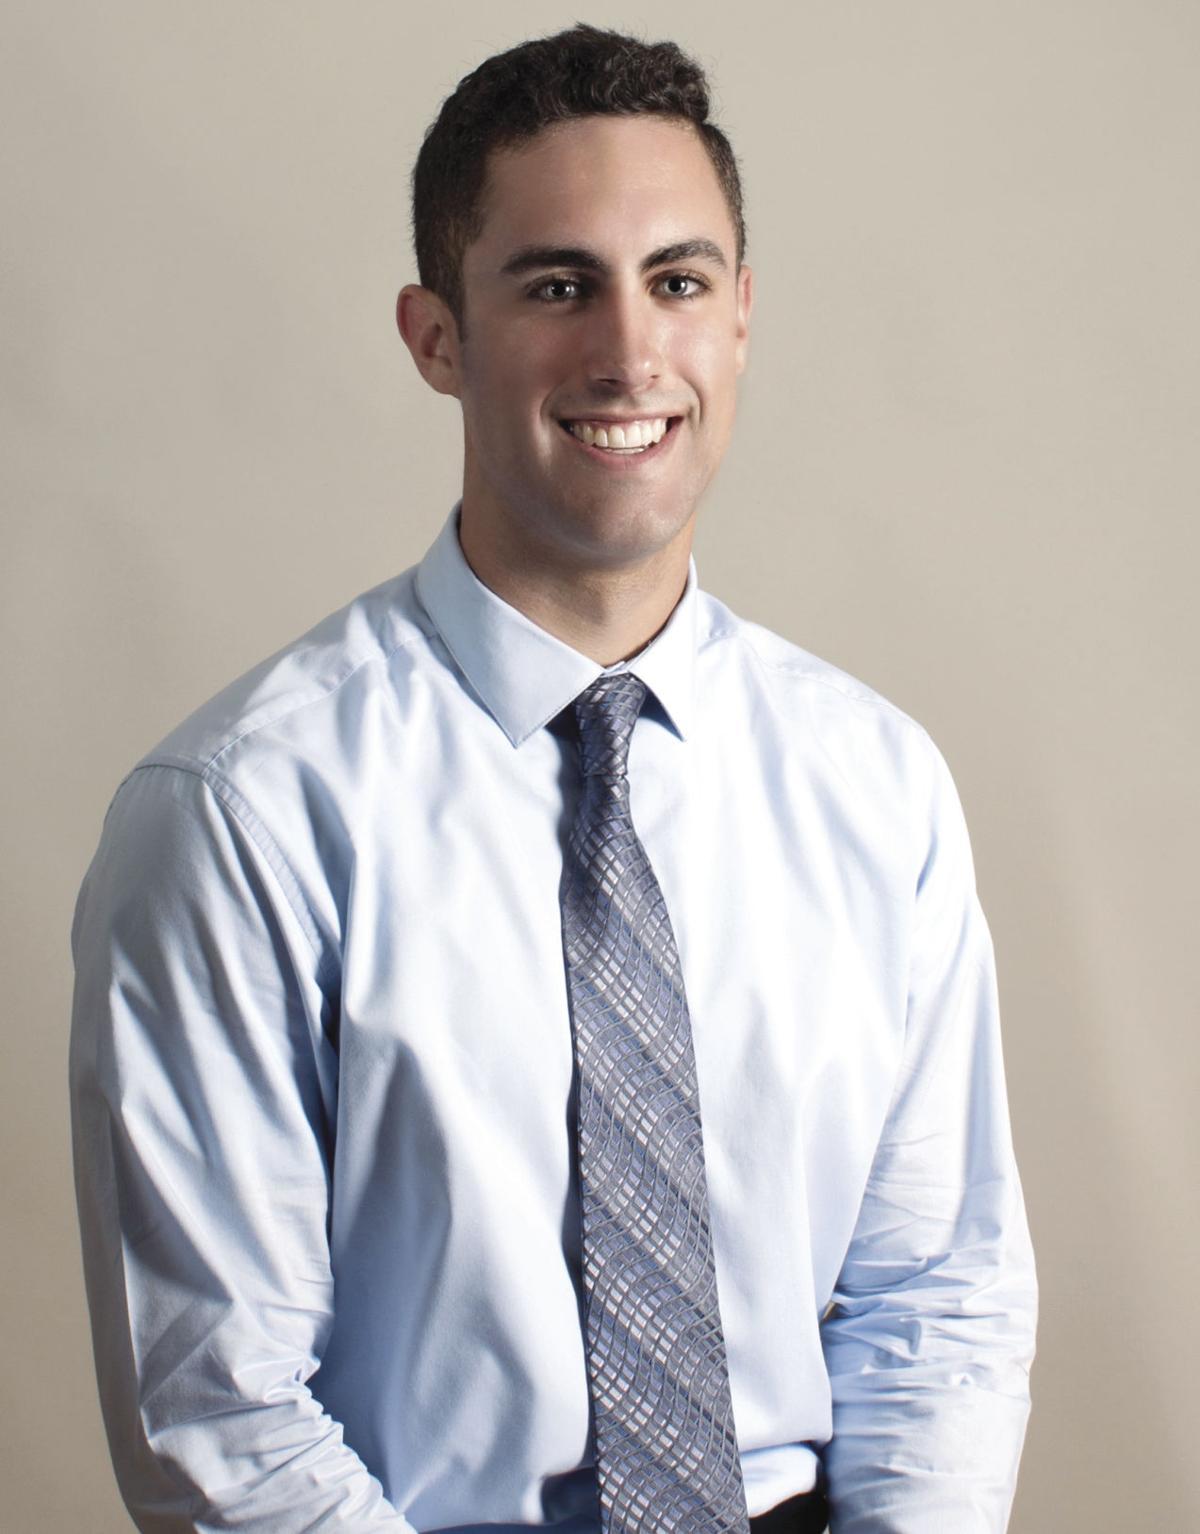 Zach McKenzie